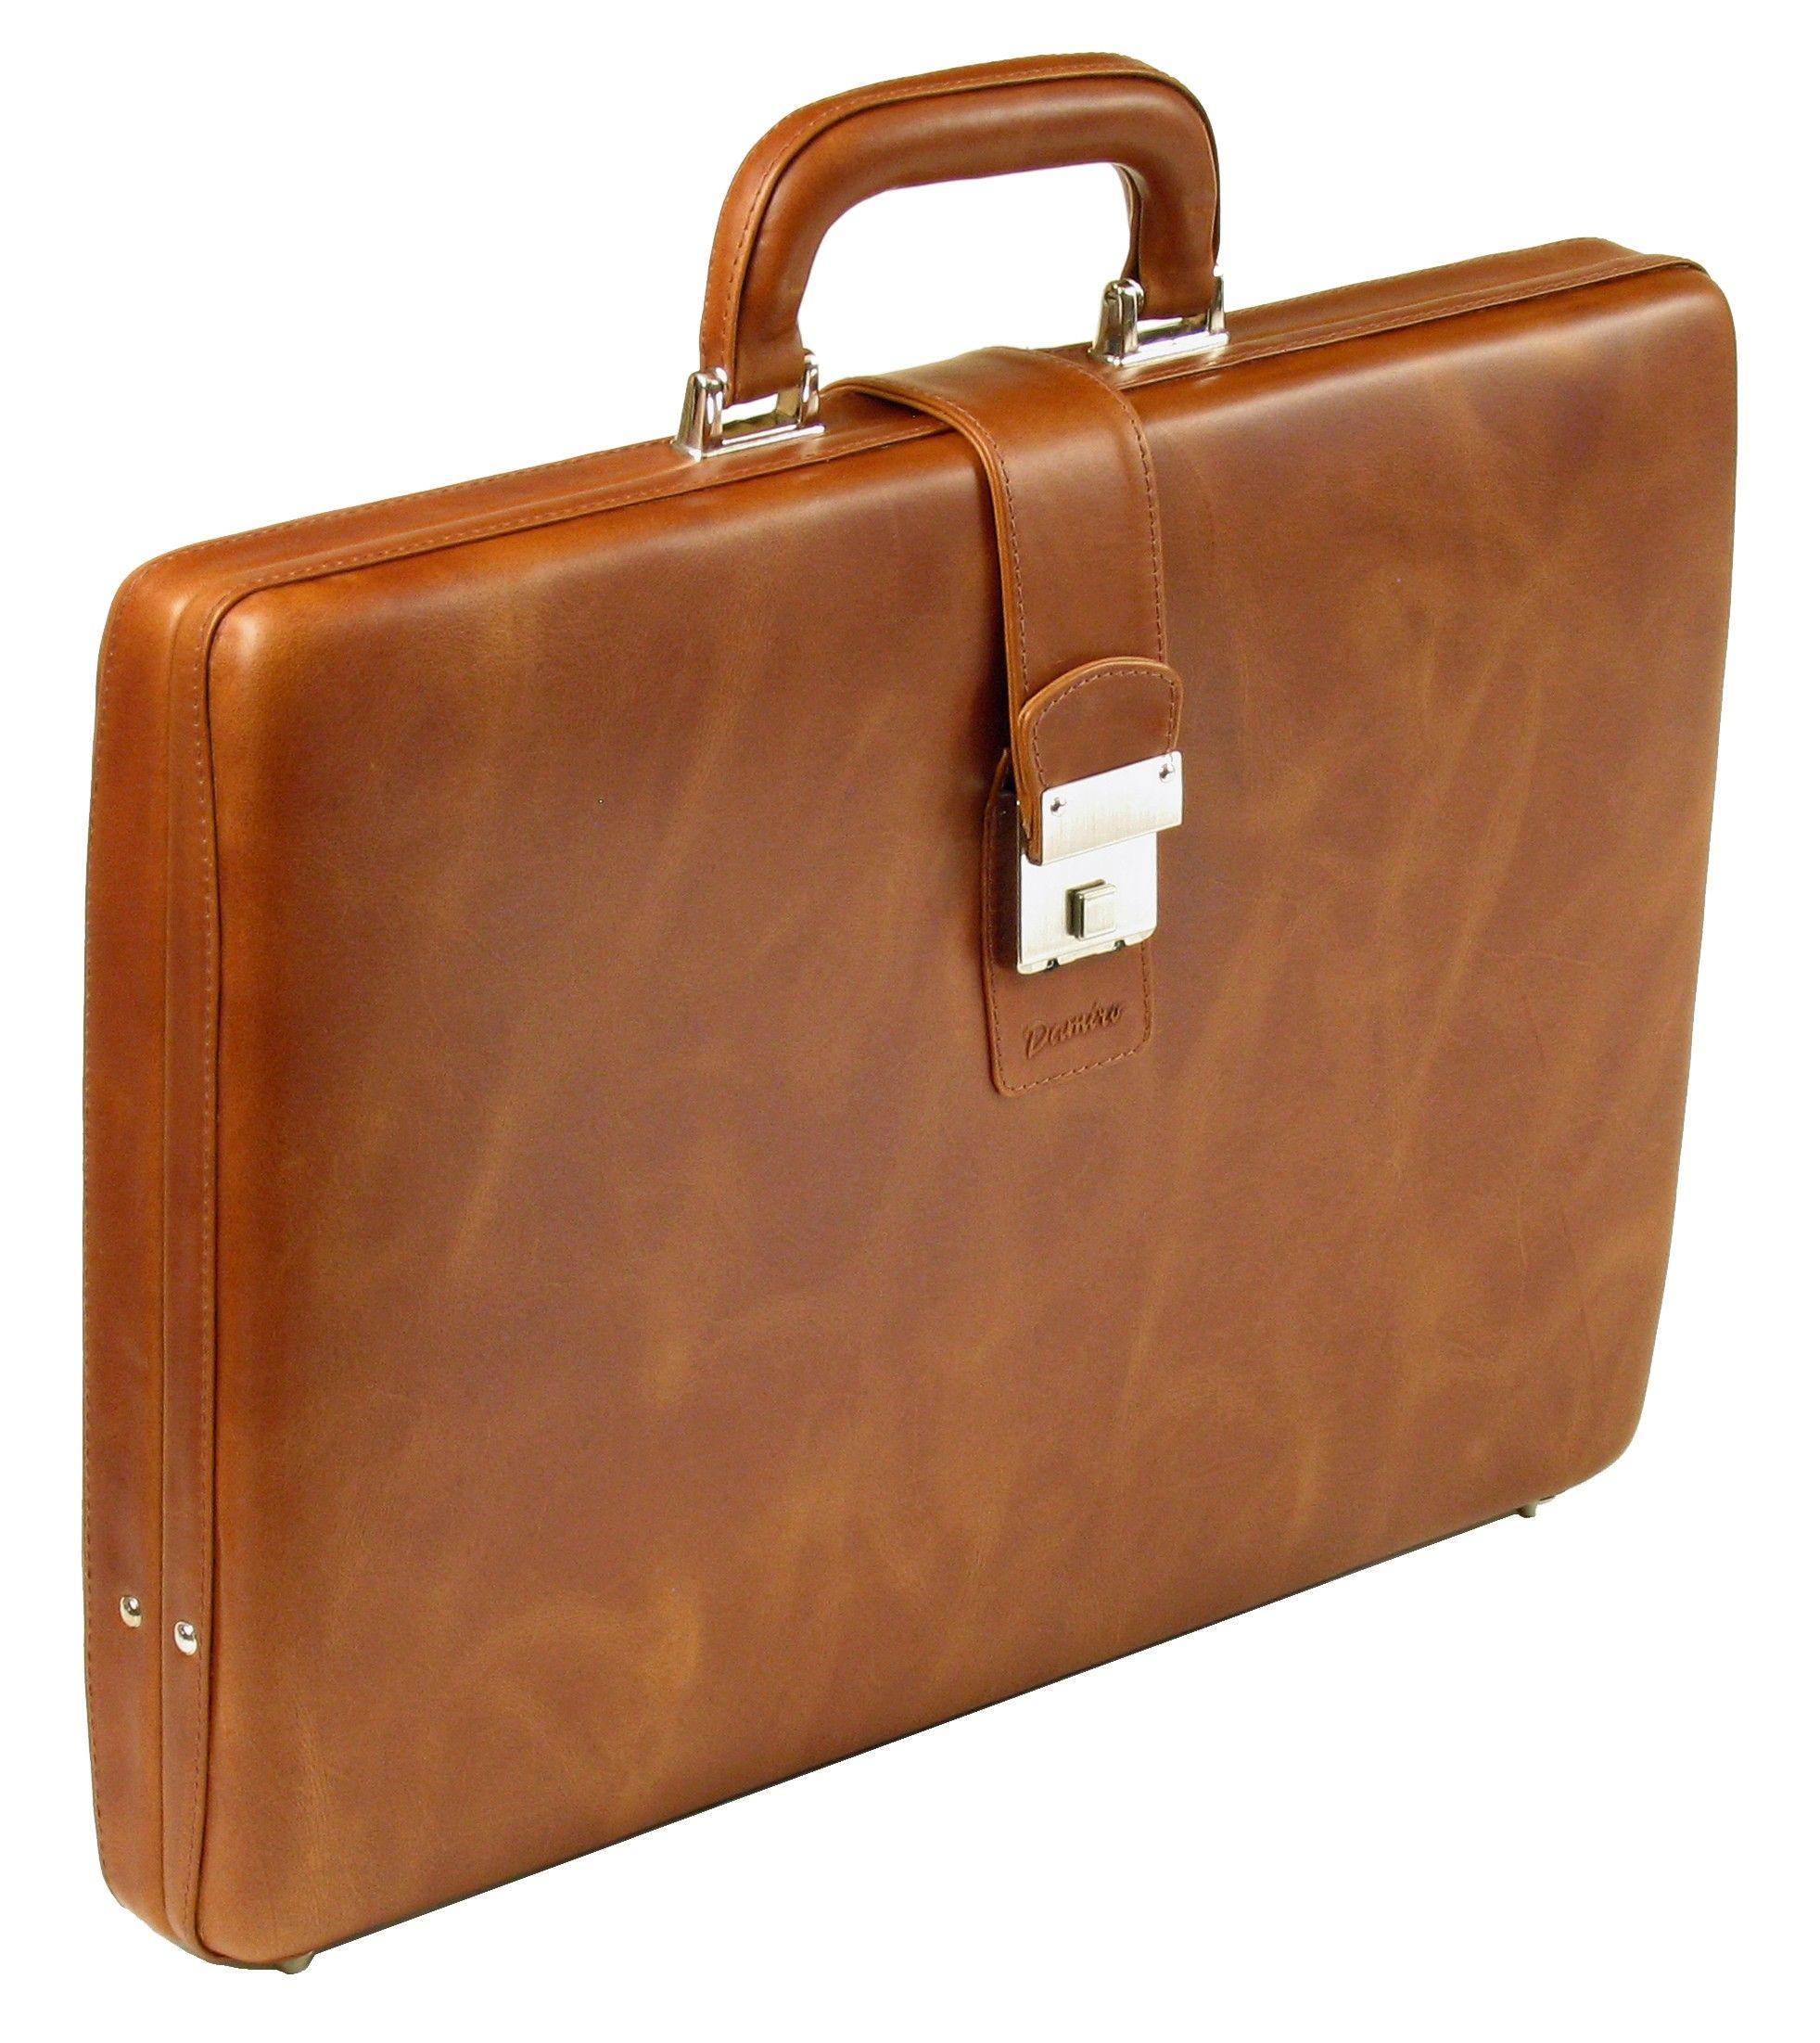 e1fd90247e0c Damiro - Slim Executive Leather Attache Case - $285 | Laptop Attache ...